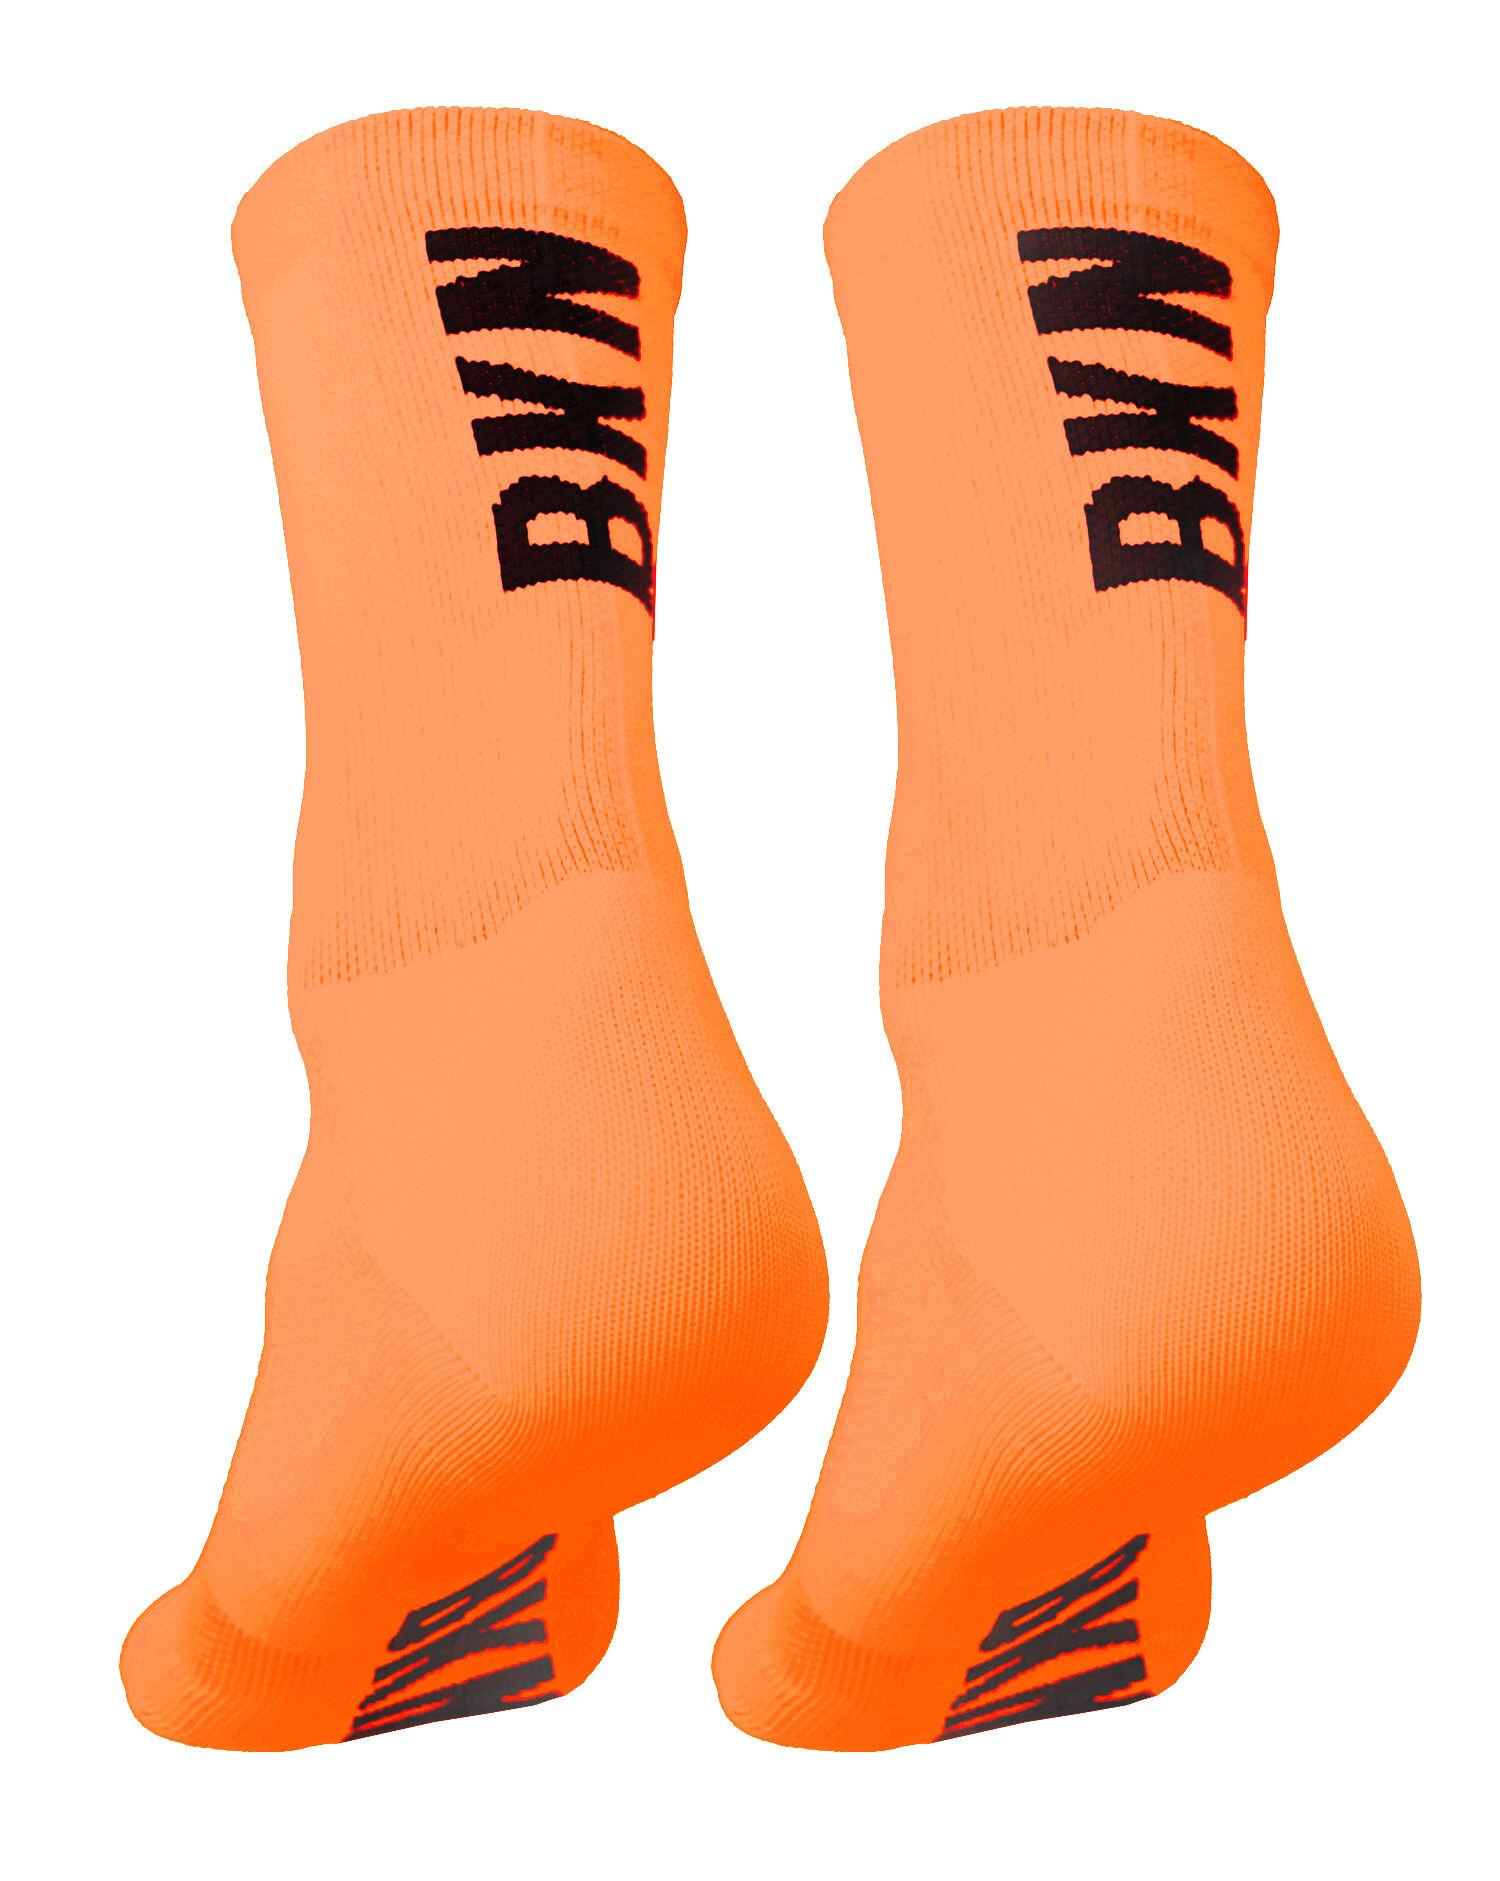 BKN Solid Fluro ORANGE Socks